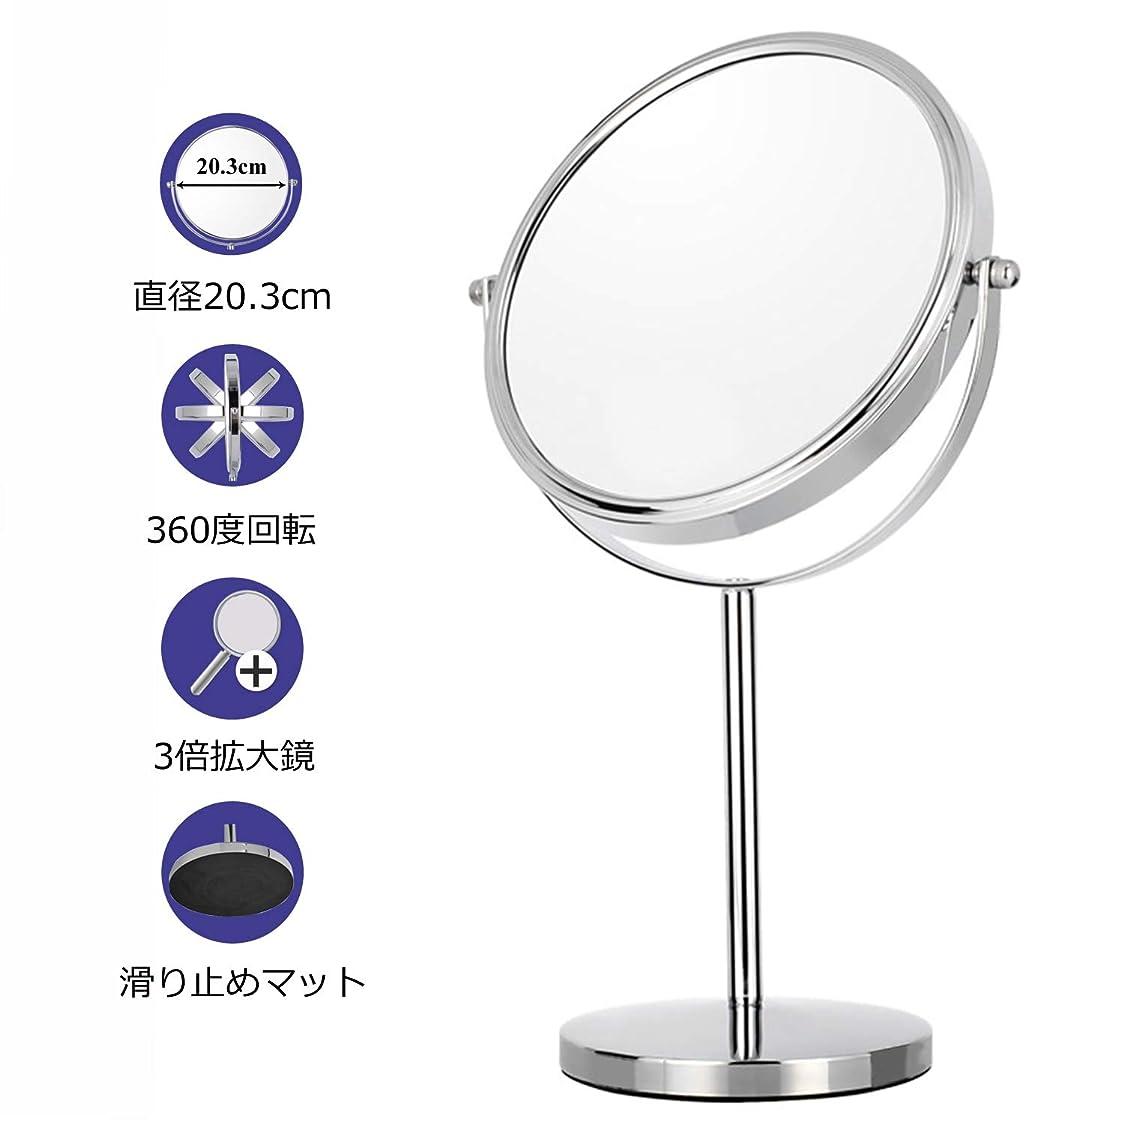 強調するモネシェーバー鏡 卓上 拡大鏡付き 3倍卓上鏡 真実の両面鏡 浴室鏡 ミラー 360度回転 スタンドミラー クロム 鏡 (鏡面23.2cm)